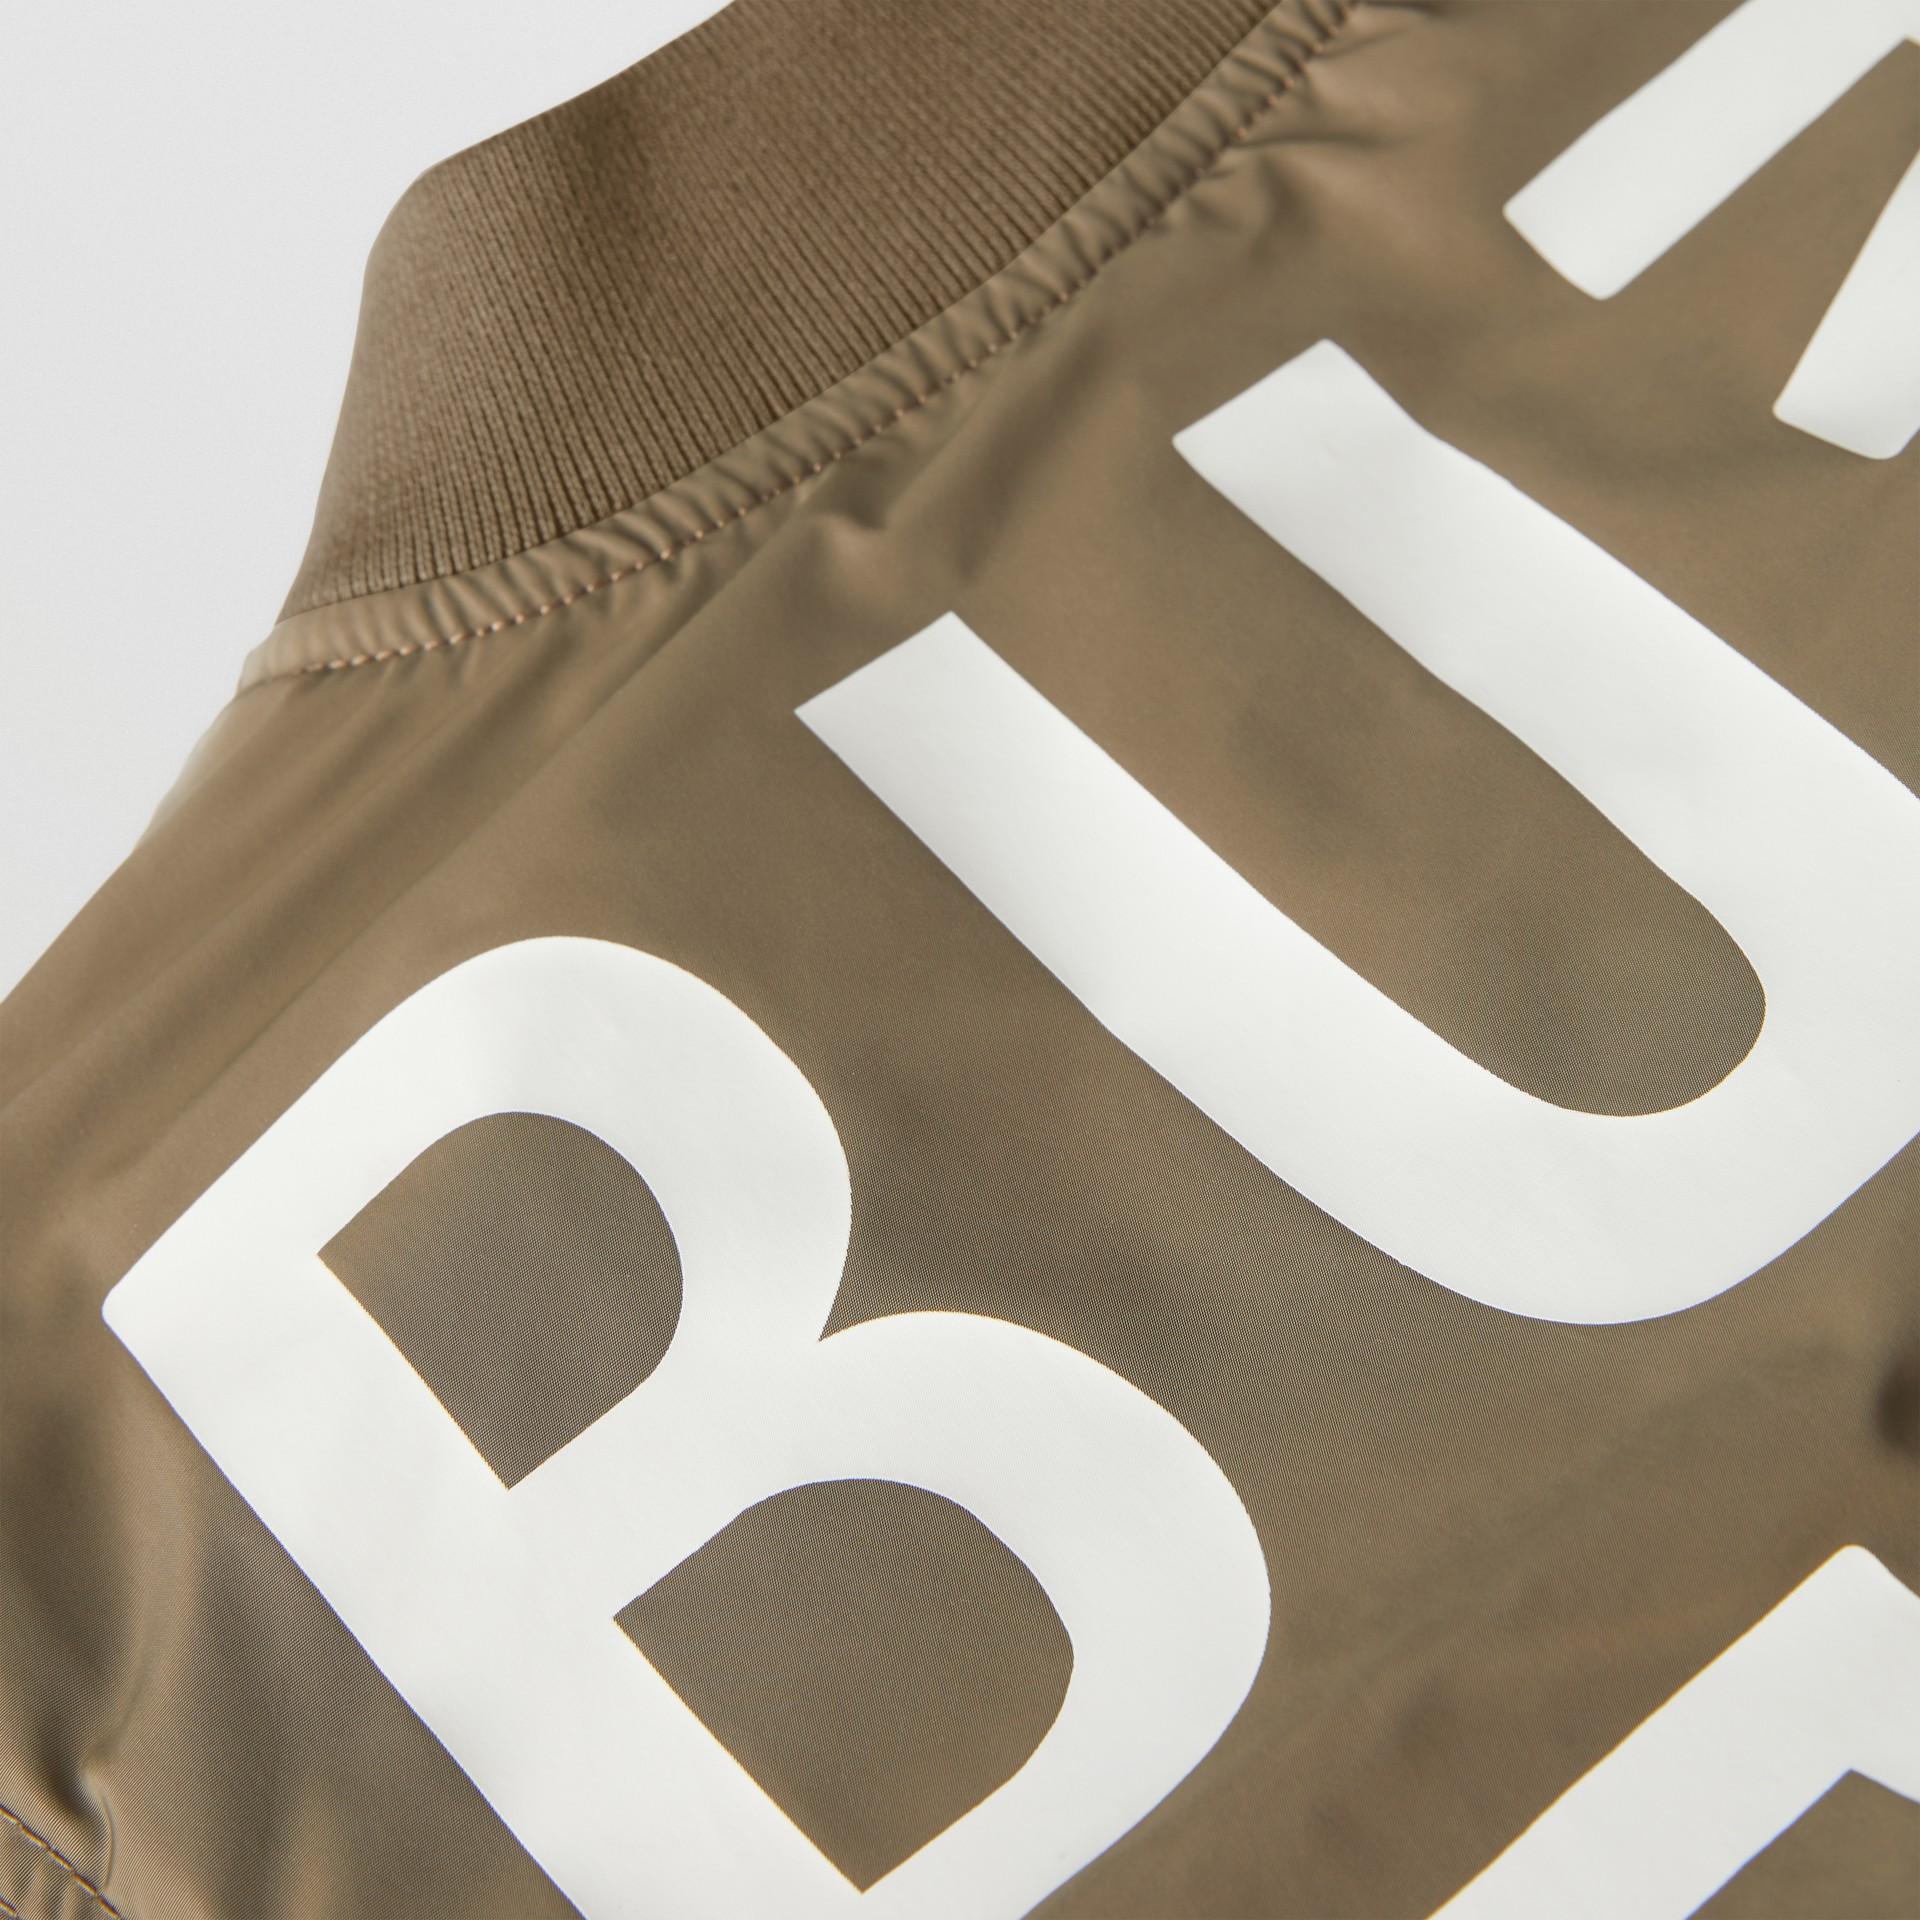 徽標印花形狀記憶塔夫塔綢飛行員外套 (卡其色) | Burberry - 圖庫照片 1